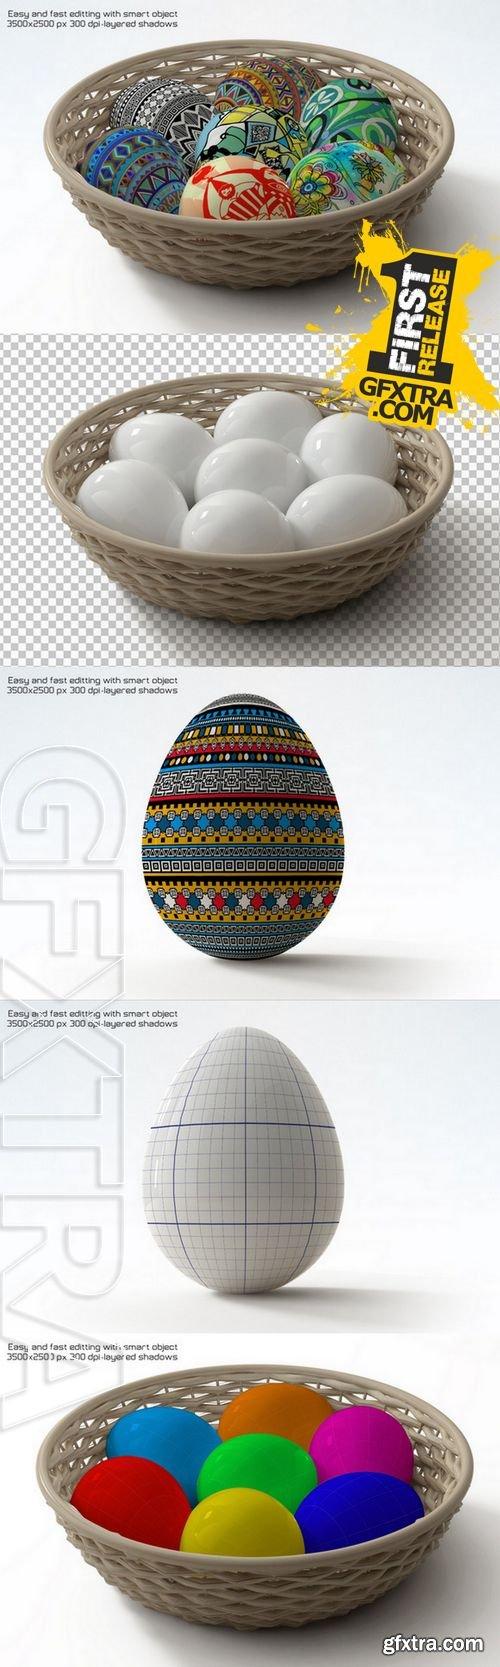 Easter Eggs Mock-up - CM 225368